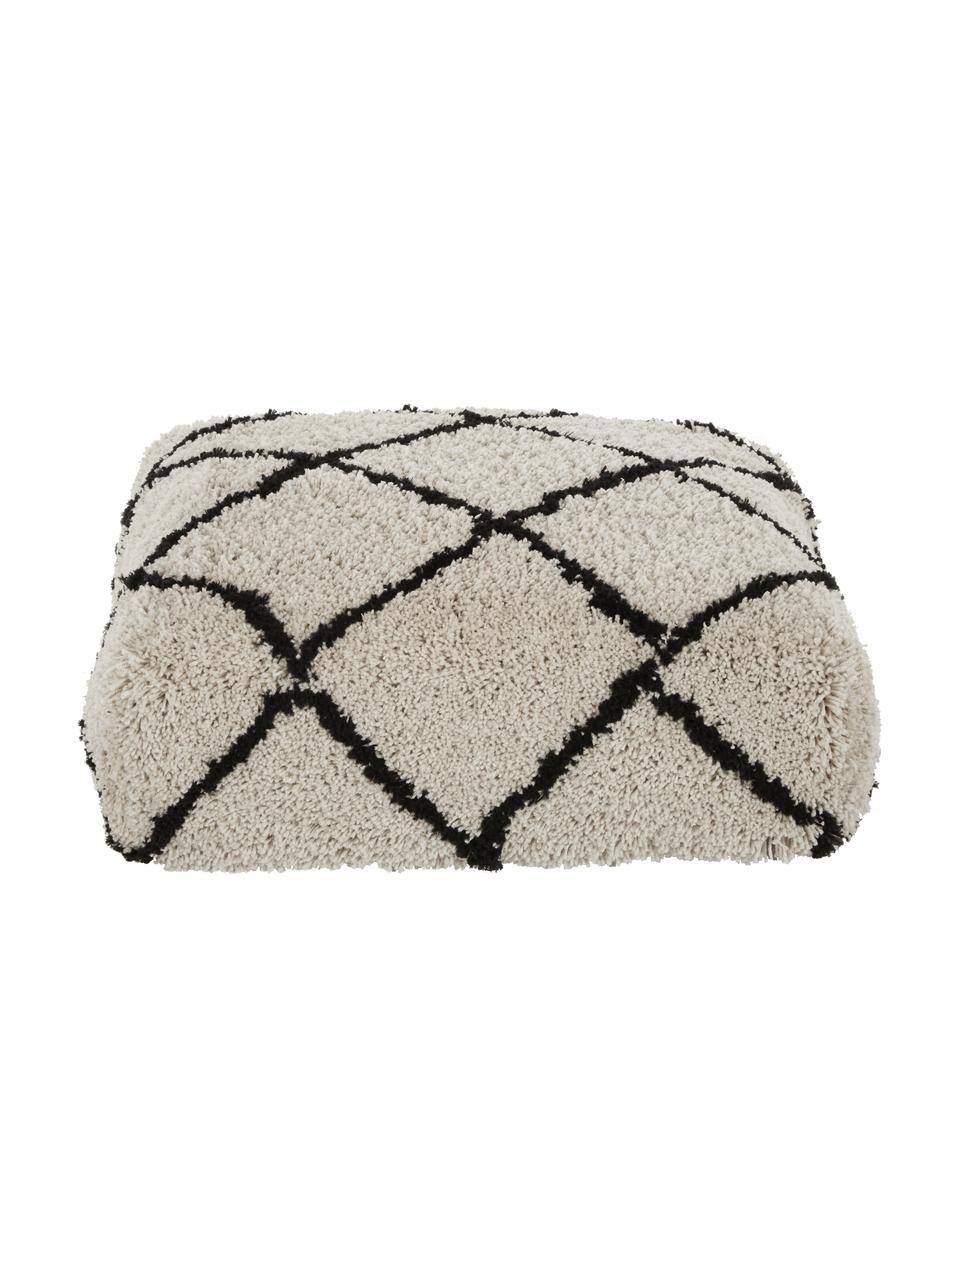 Handgeknüpftes Bodenkissen Naima, Bezug: 100% Polyester, Beige, Schwarz, 70 x 20 cm